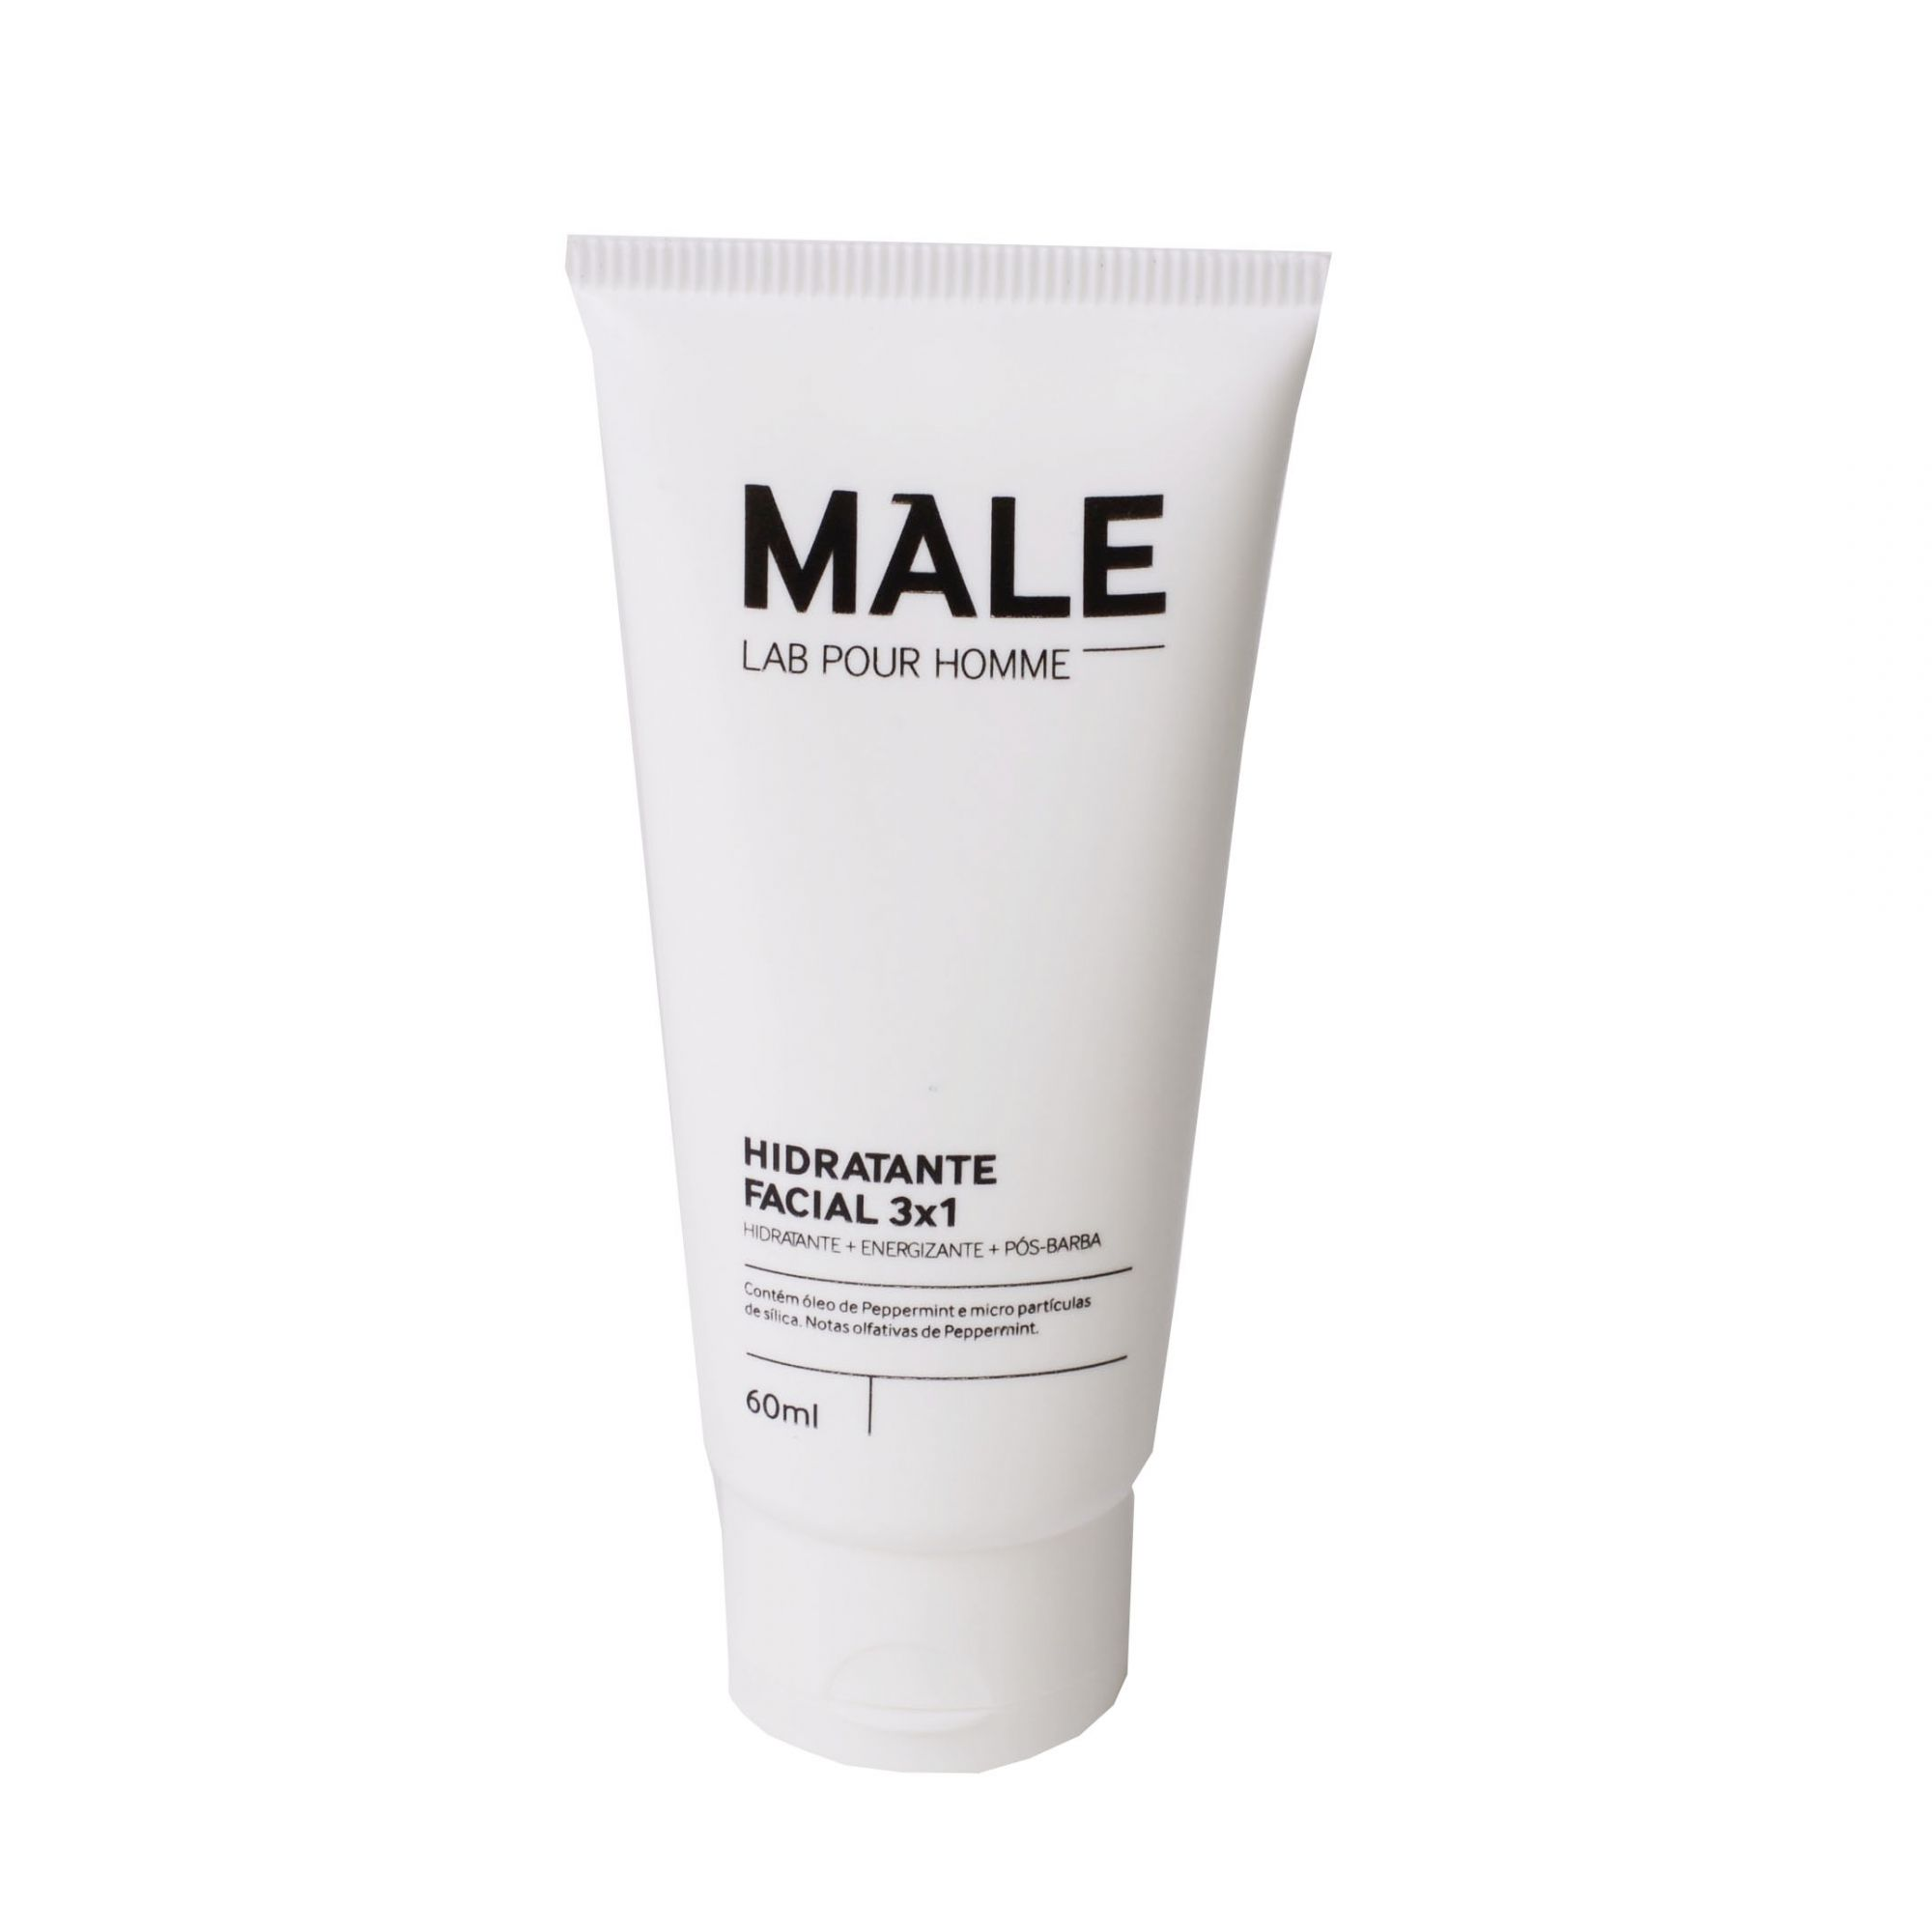 Hidratante Facil 3x1 | Male Lab Pour Homme